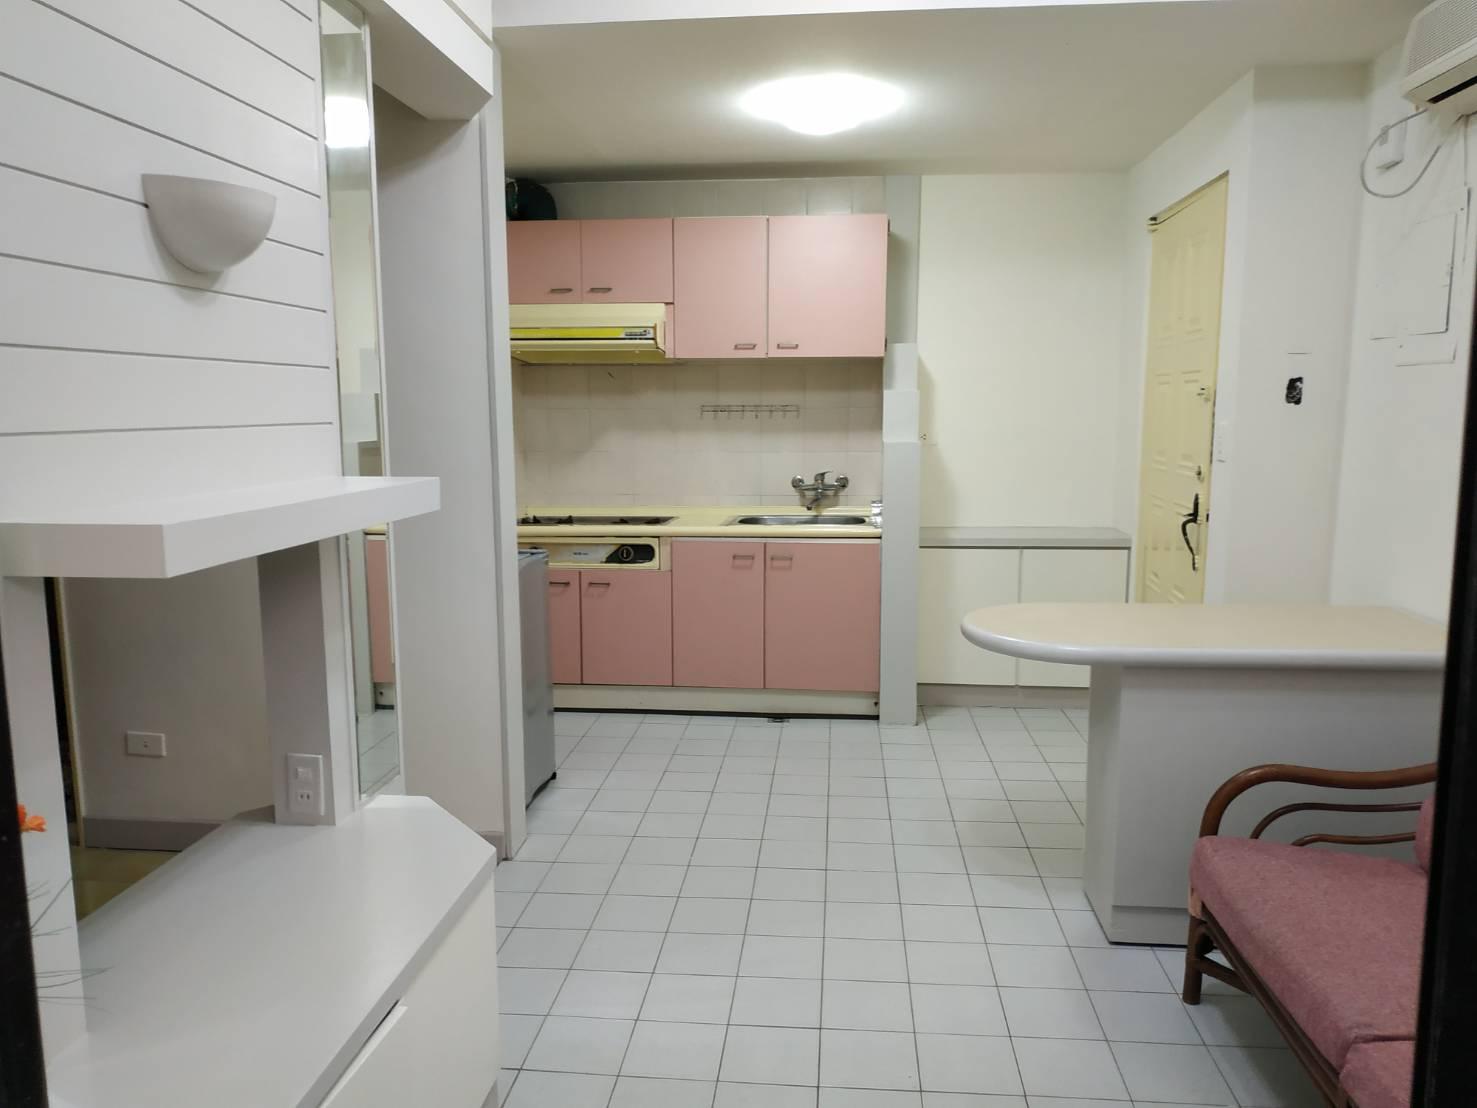 東洋新邨綠意盈窗,空氣清新整潔舒適養生紓壓理想居家